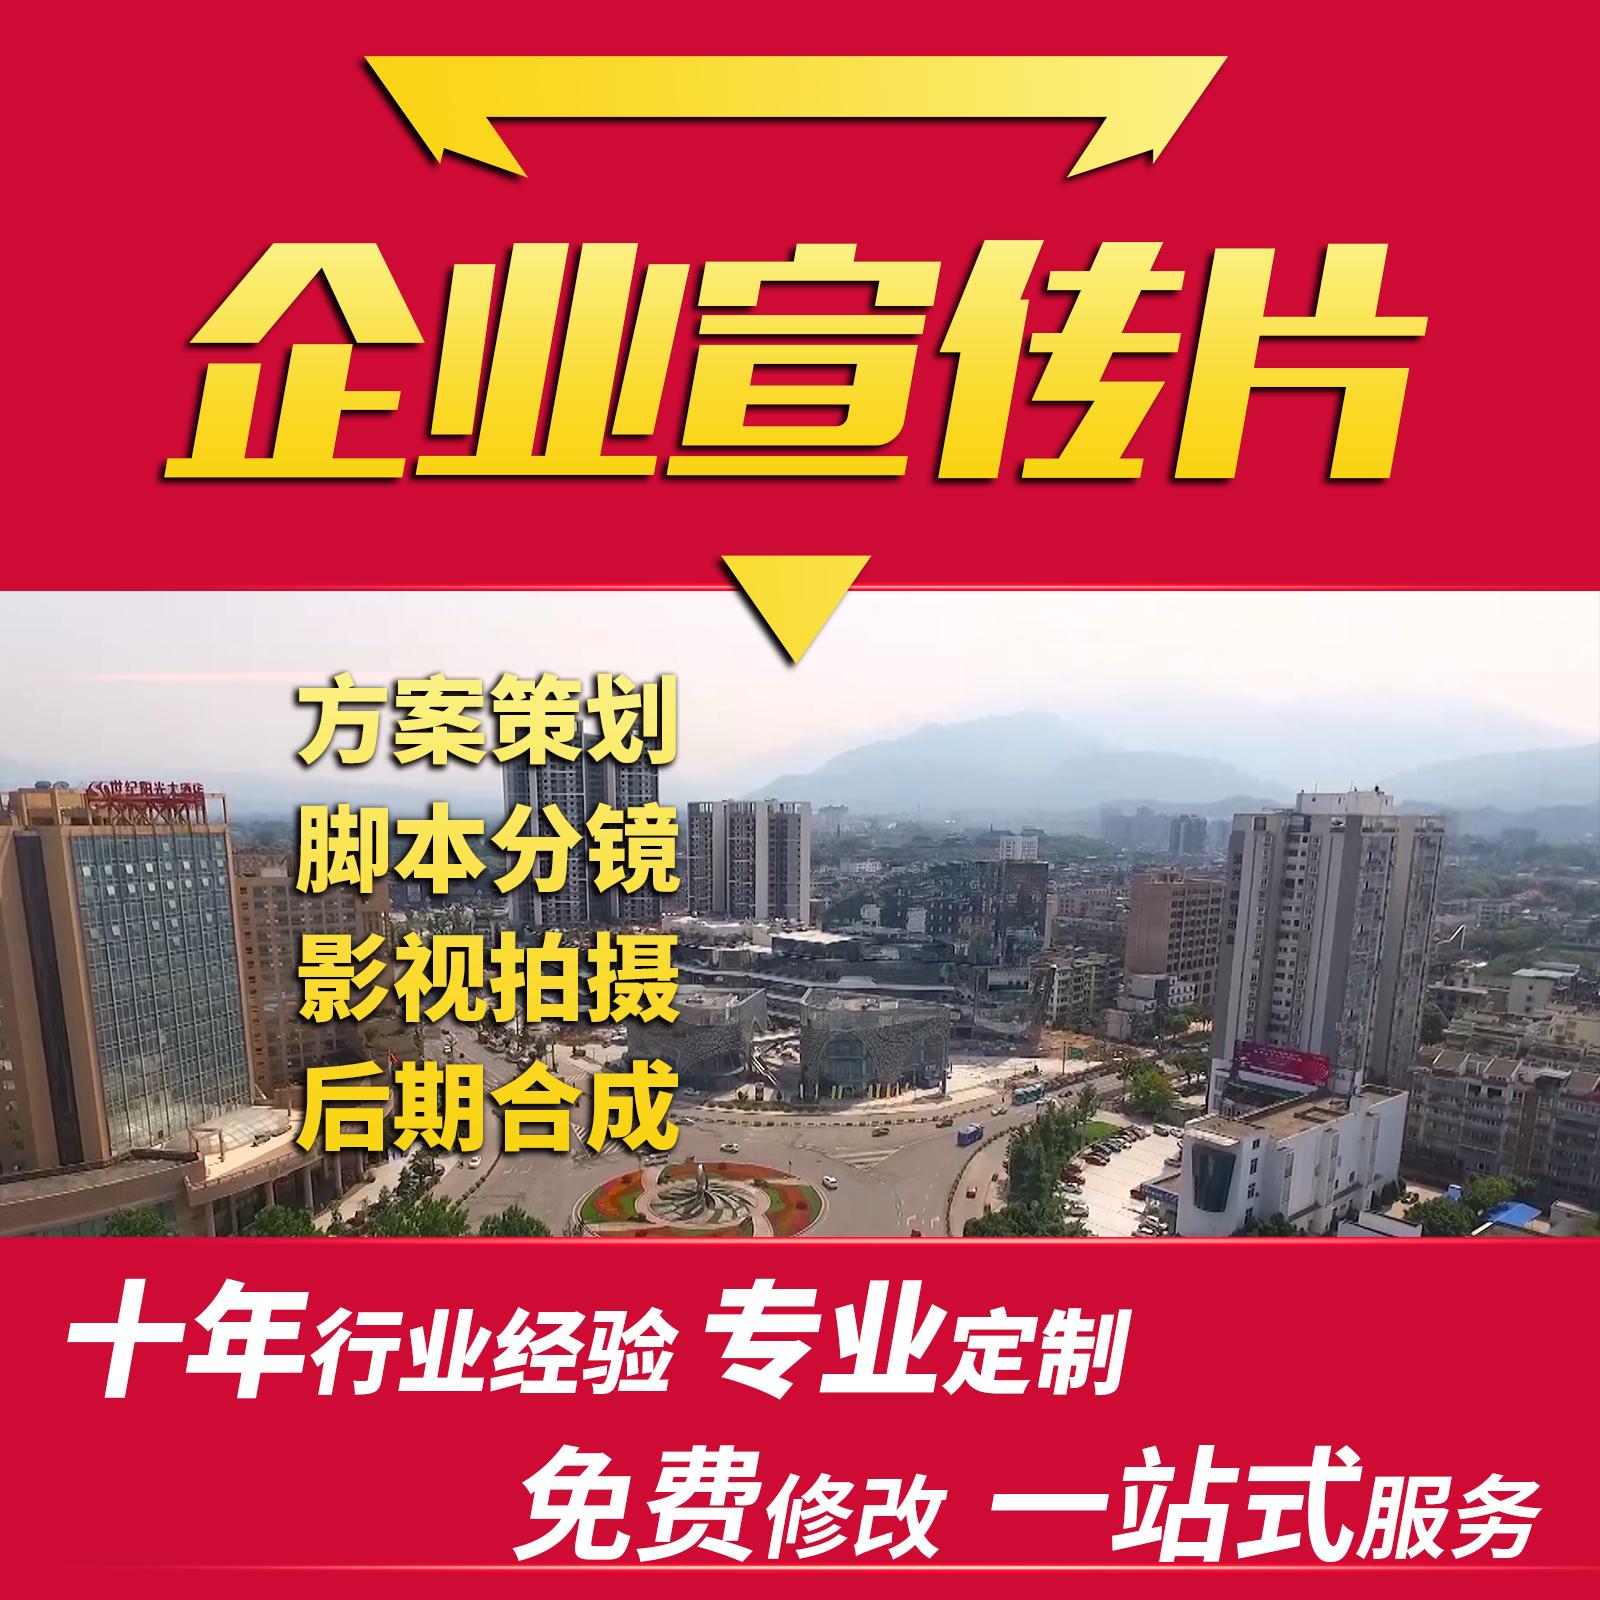 【畅特专属打造】高端大气企业宣传片设计包满意